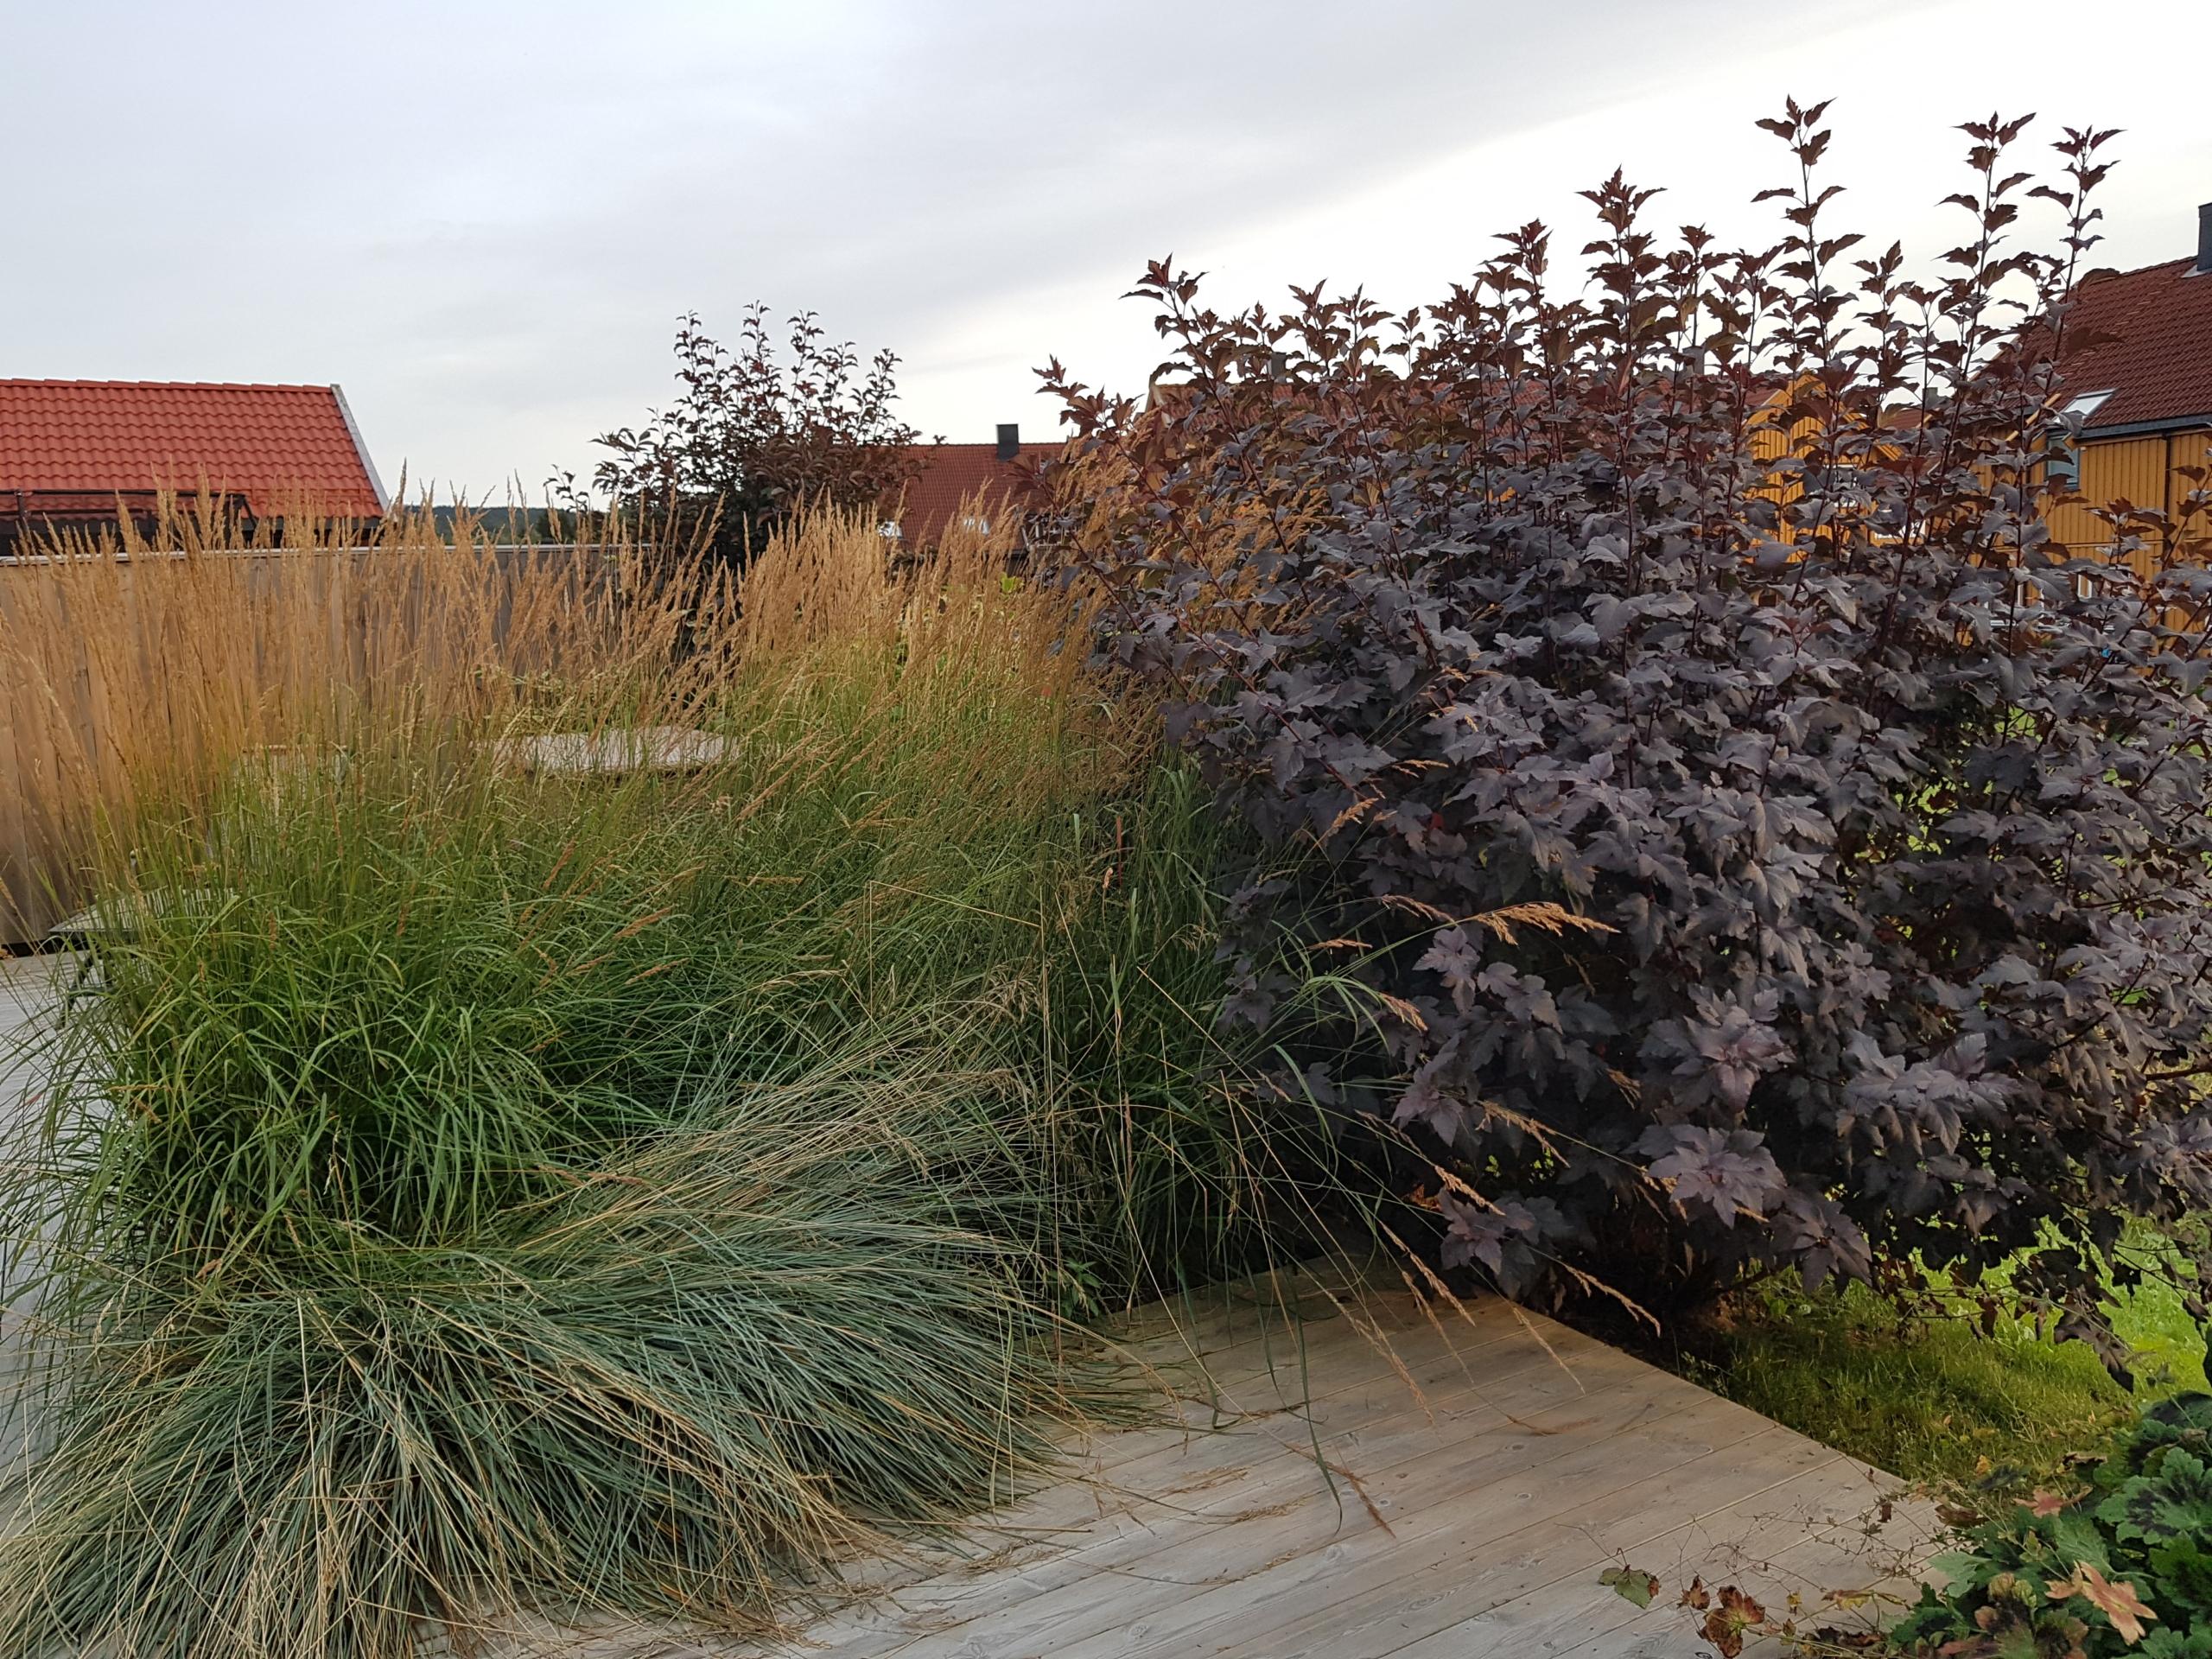 planter som skjermer innsyn til leilighet